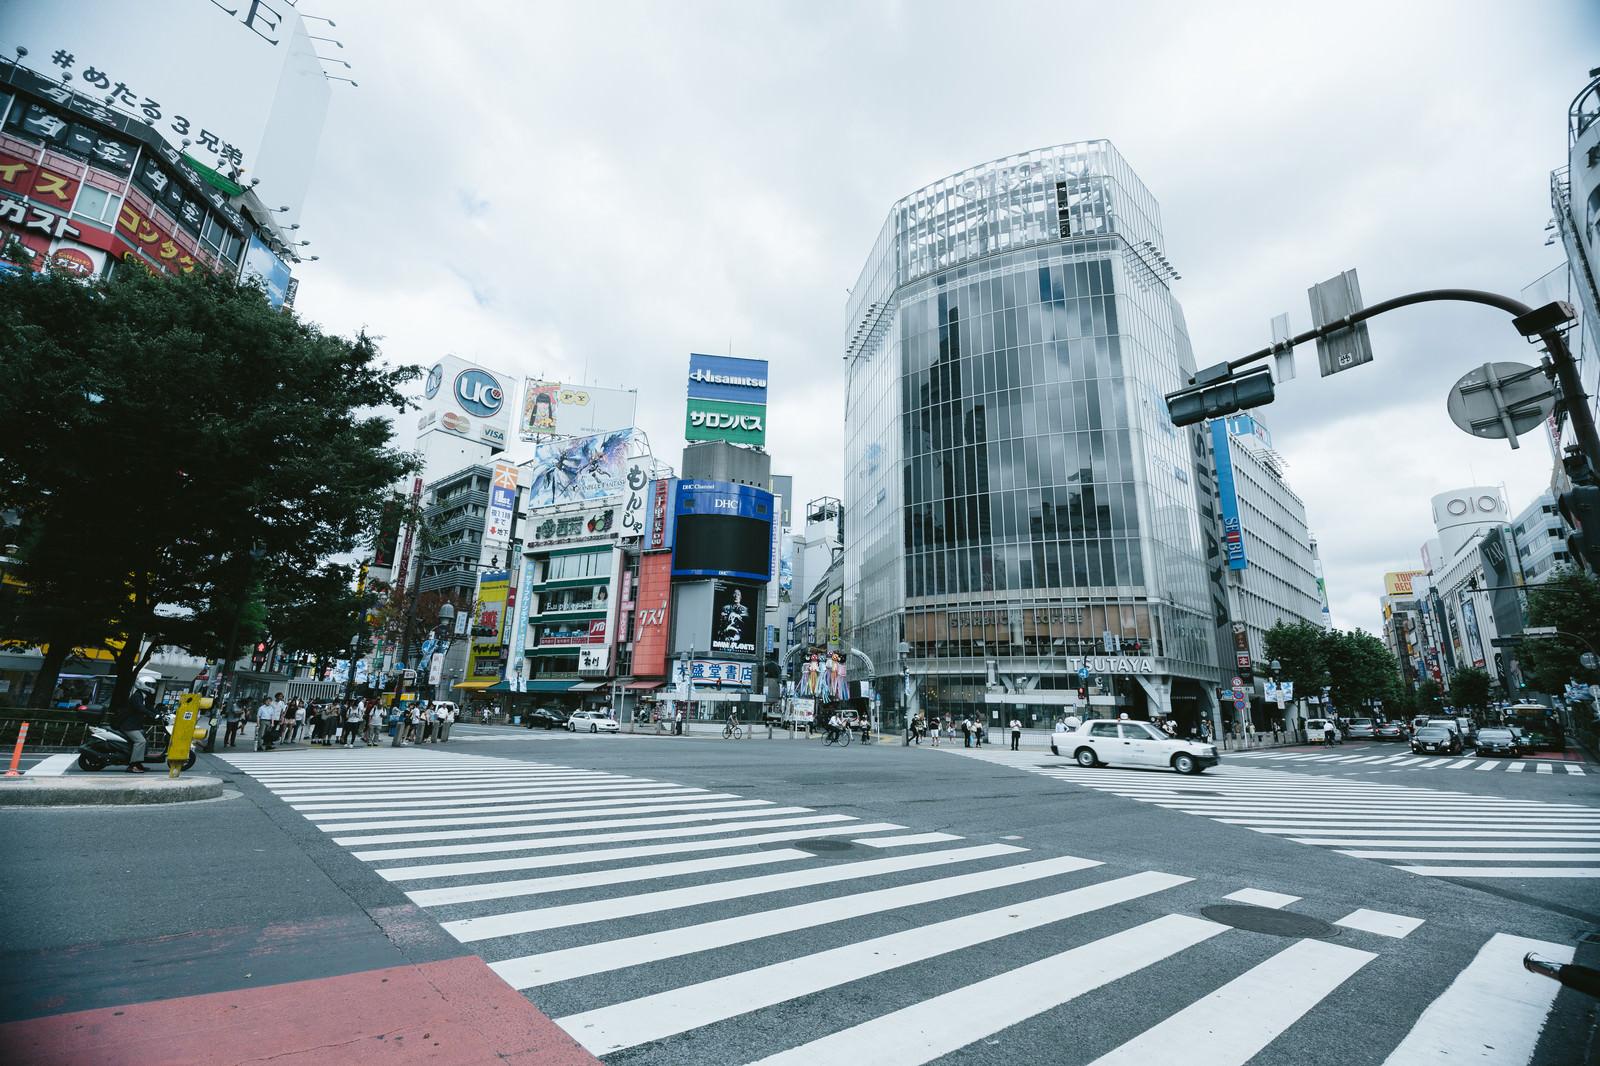 「渋谷スクランブル交差点渋谷スクランブル交差点」のフリー写真素材を拡大